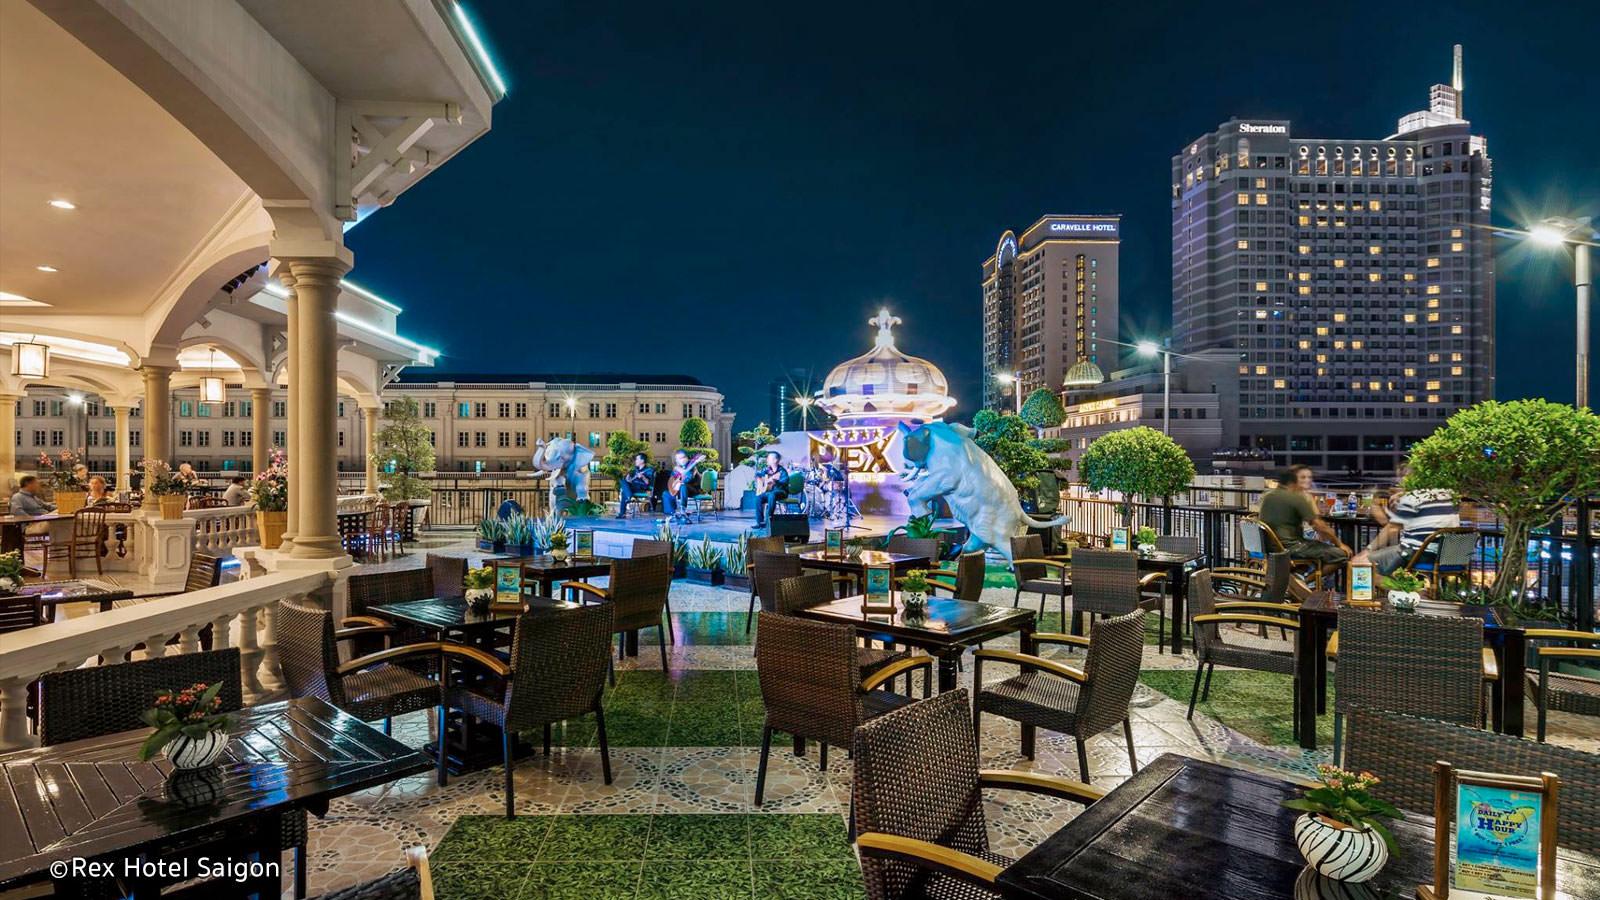 Rex Rooftop Bar Hotel